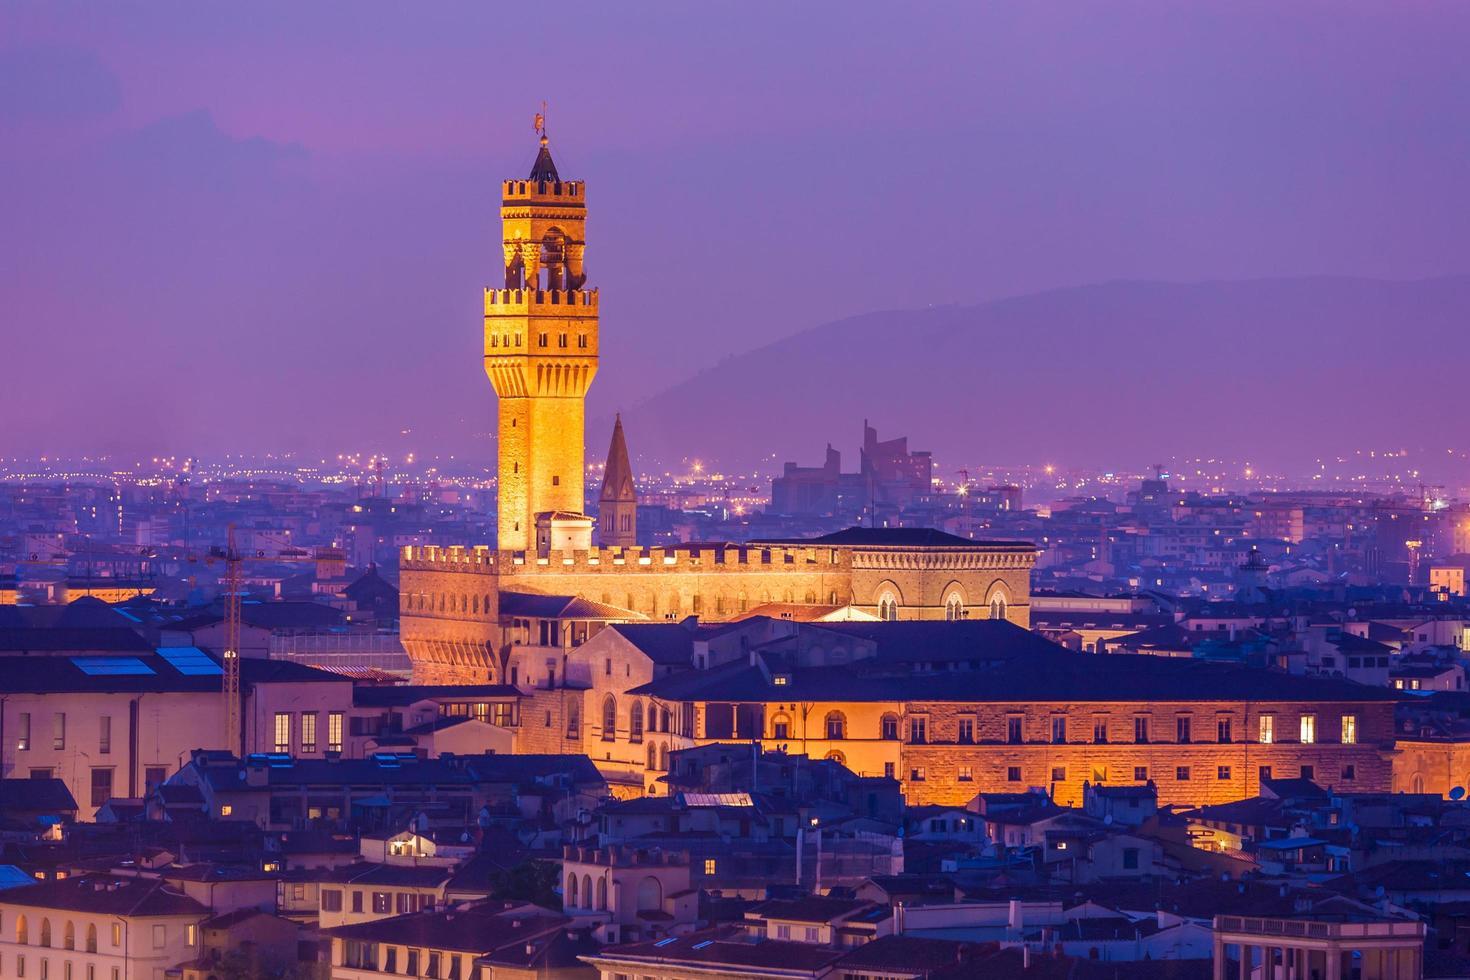 palácio vecchio em florença foto